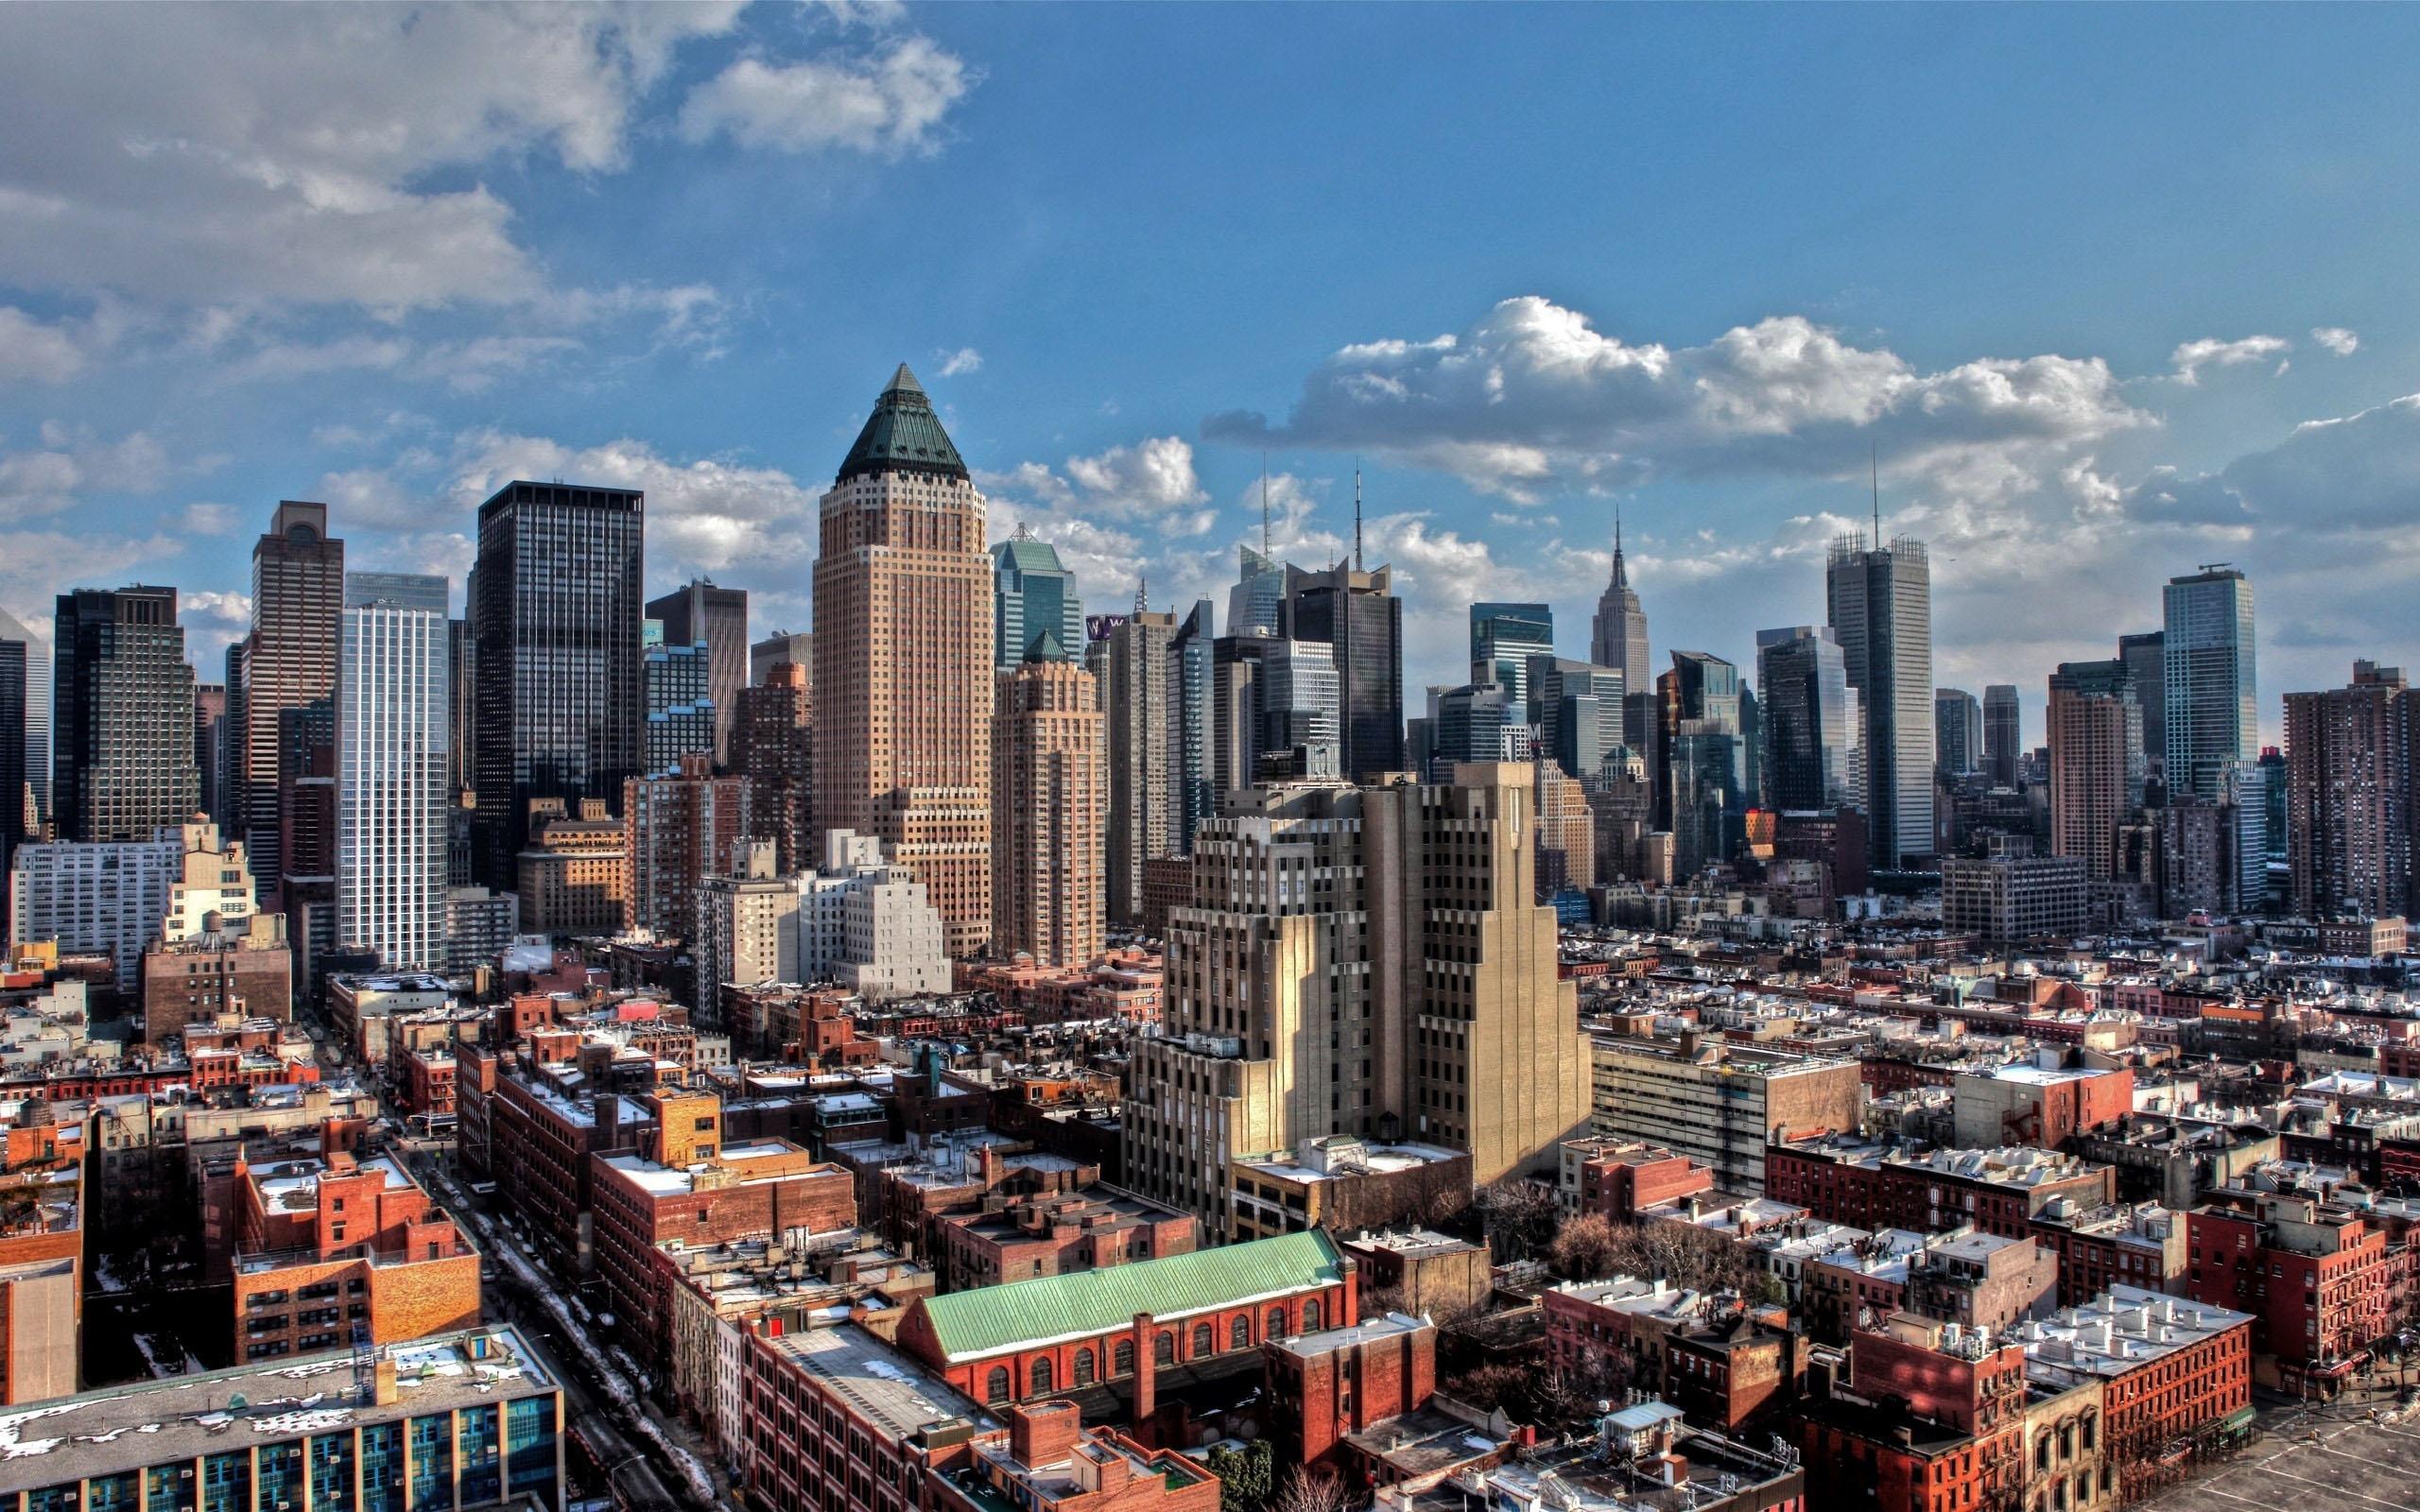 New York City Winter Mac Wallpaper Download Allmacwallpaper